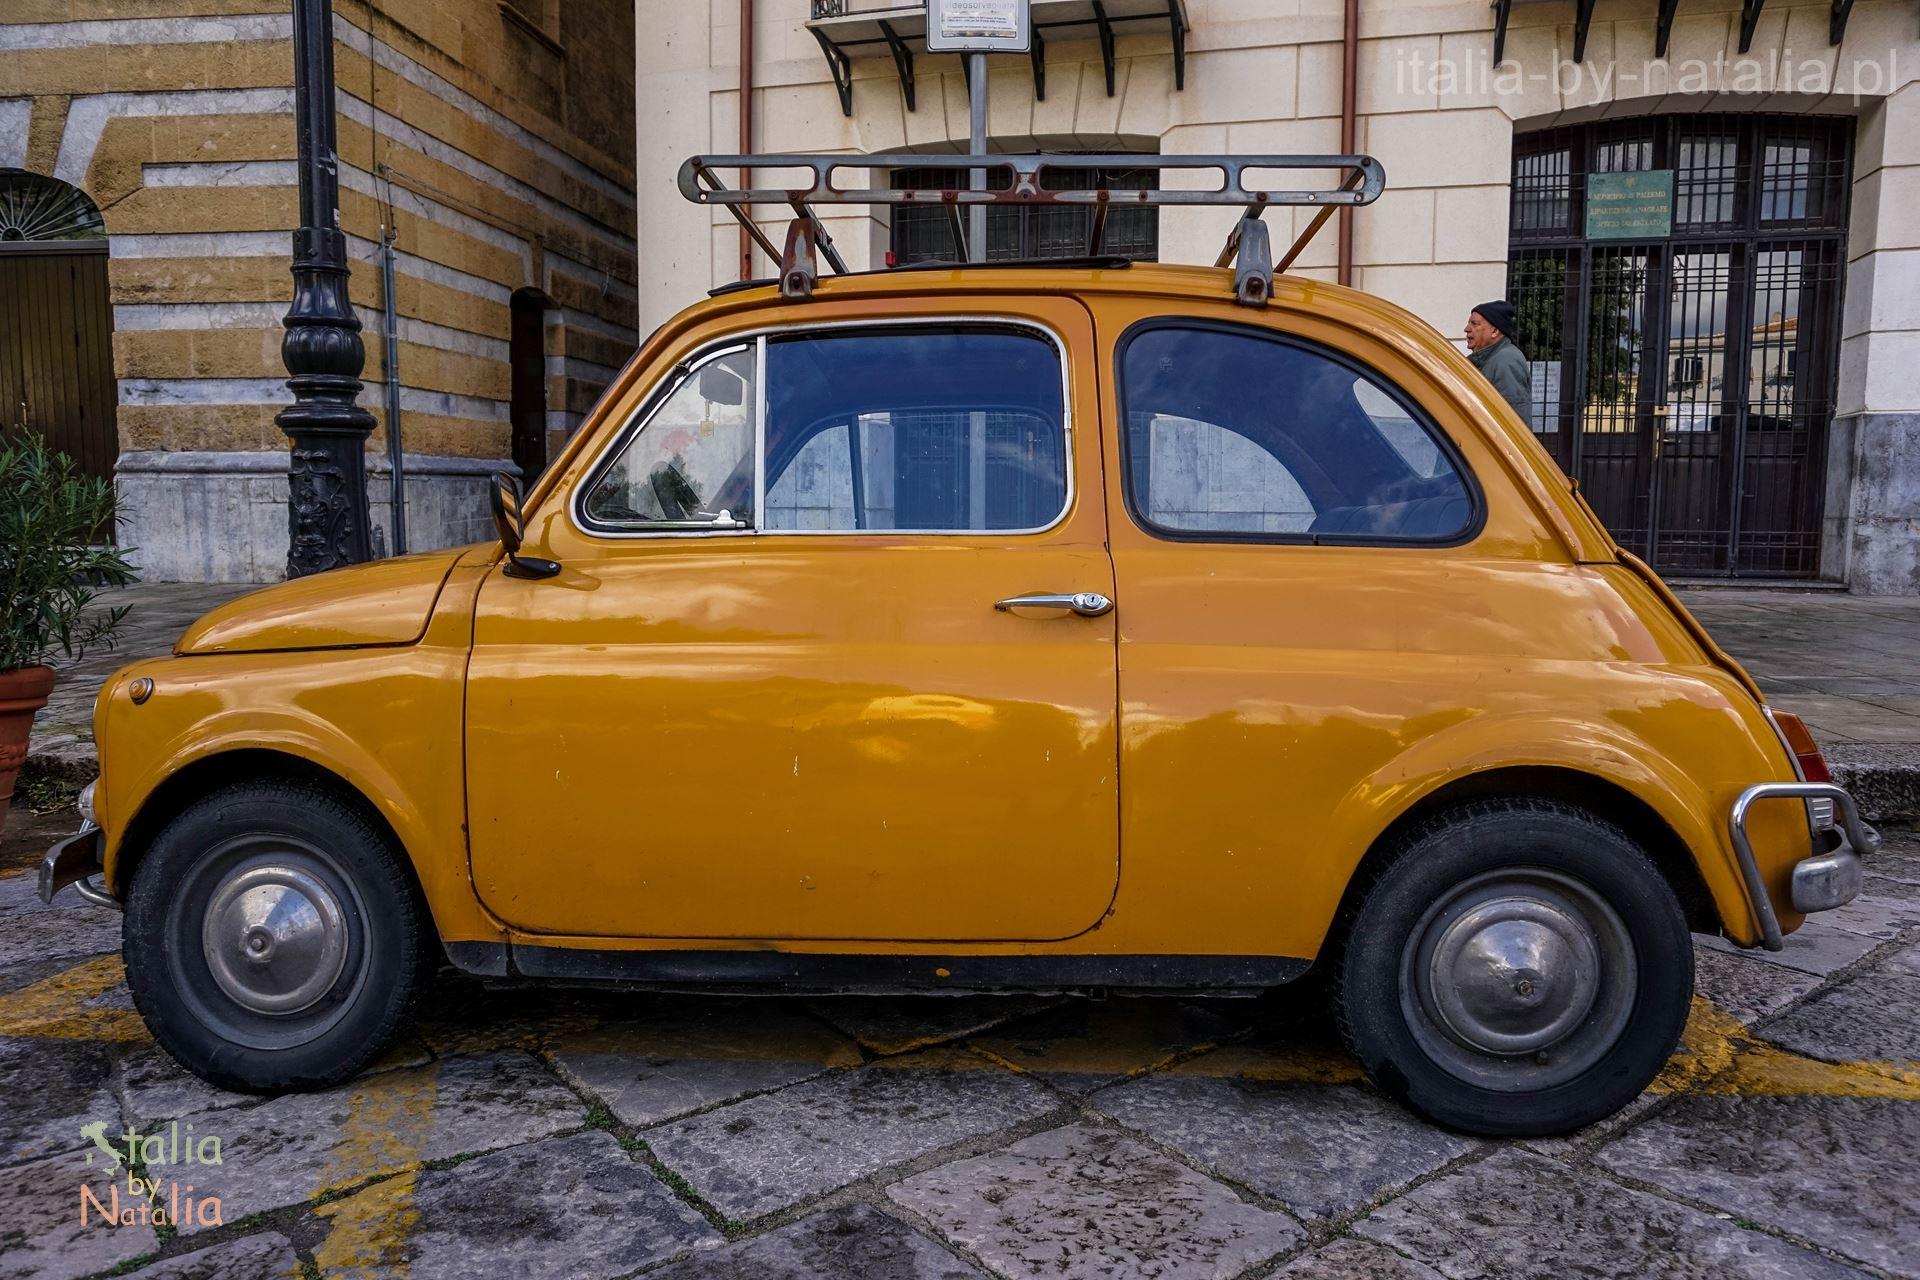 Palermo Sycylia stary Fiat 500 zlot grudzien